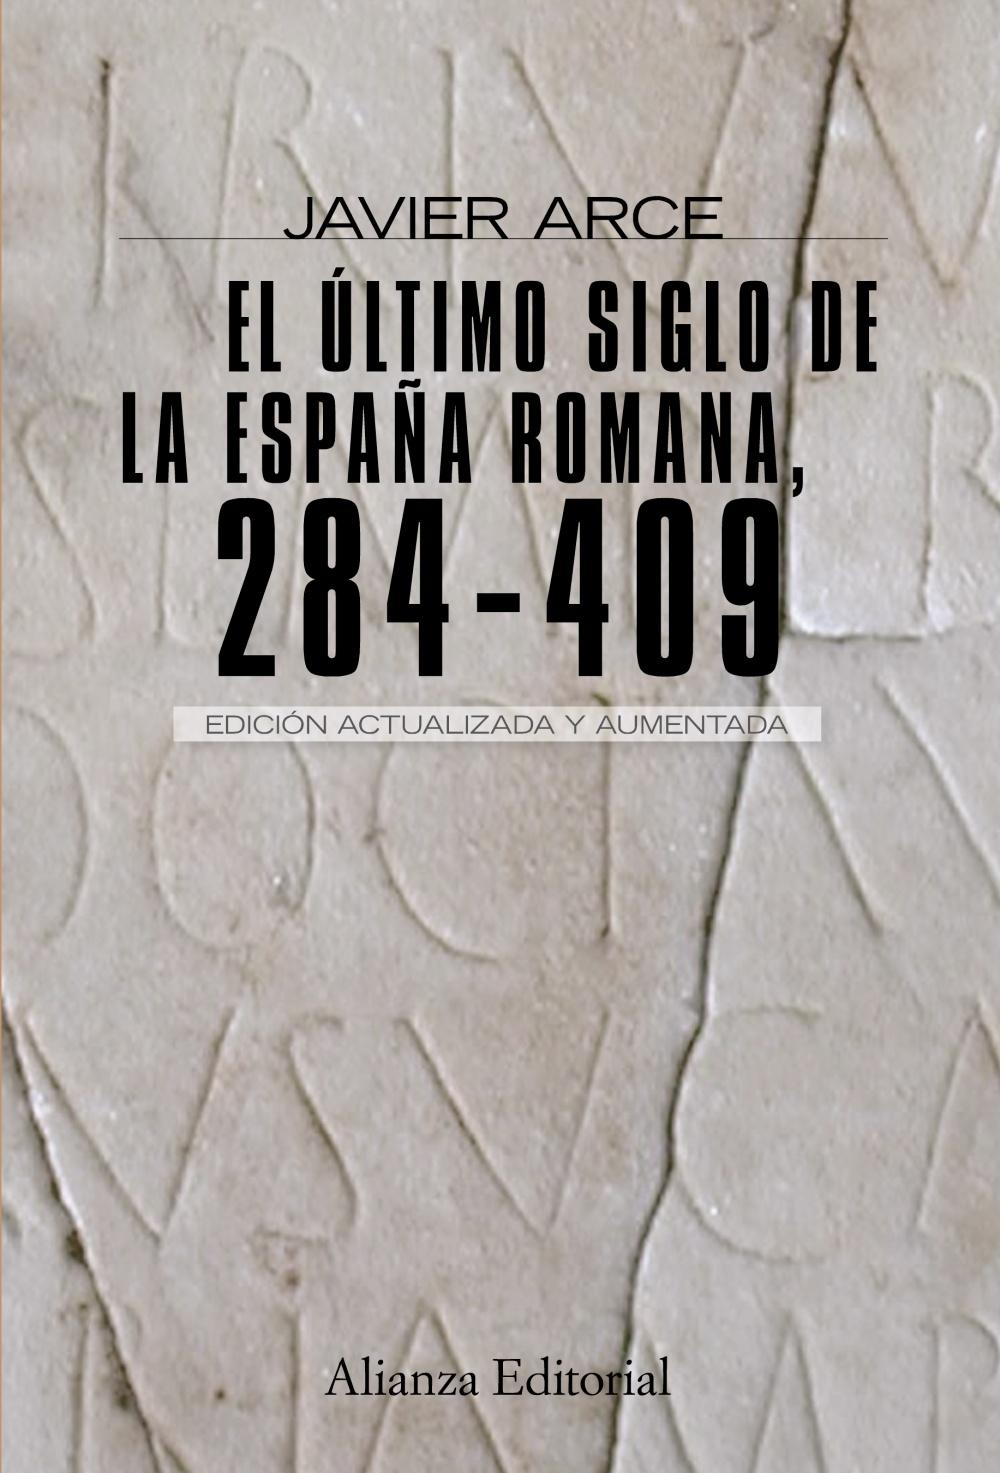 El Ultimo Siglo De La España Romana 284-409 (2ª Ed.) - Arce Javier